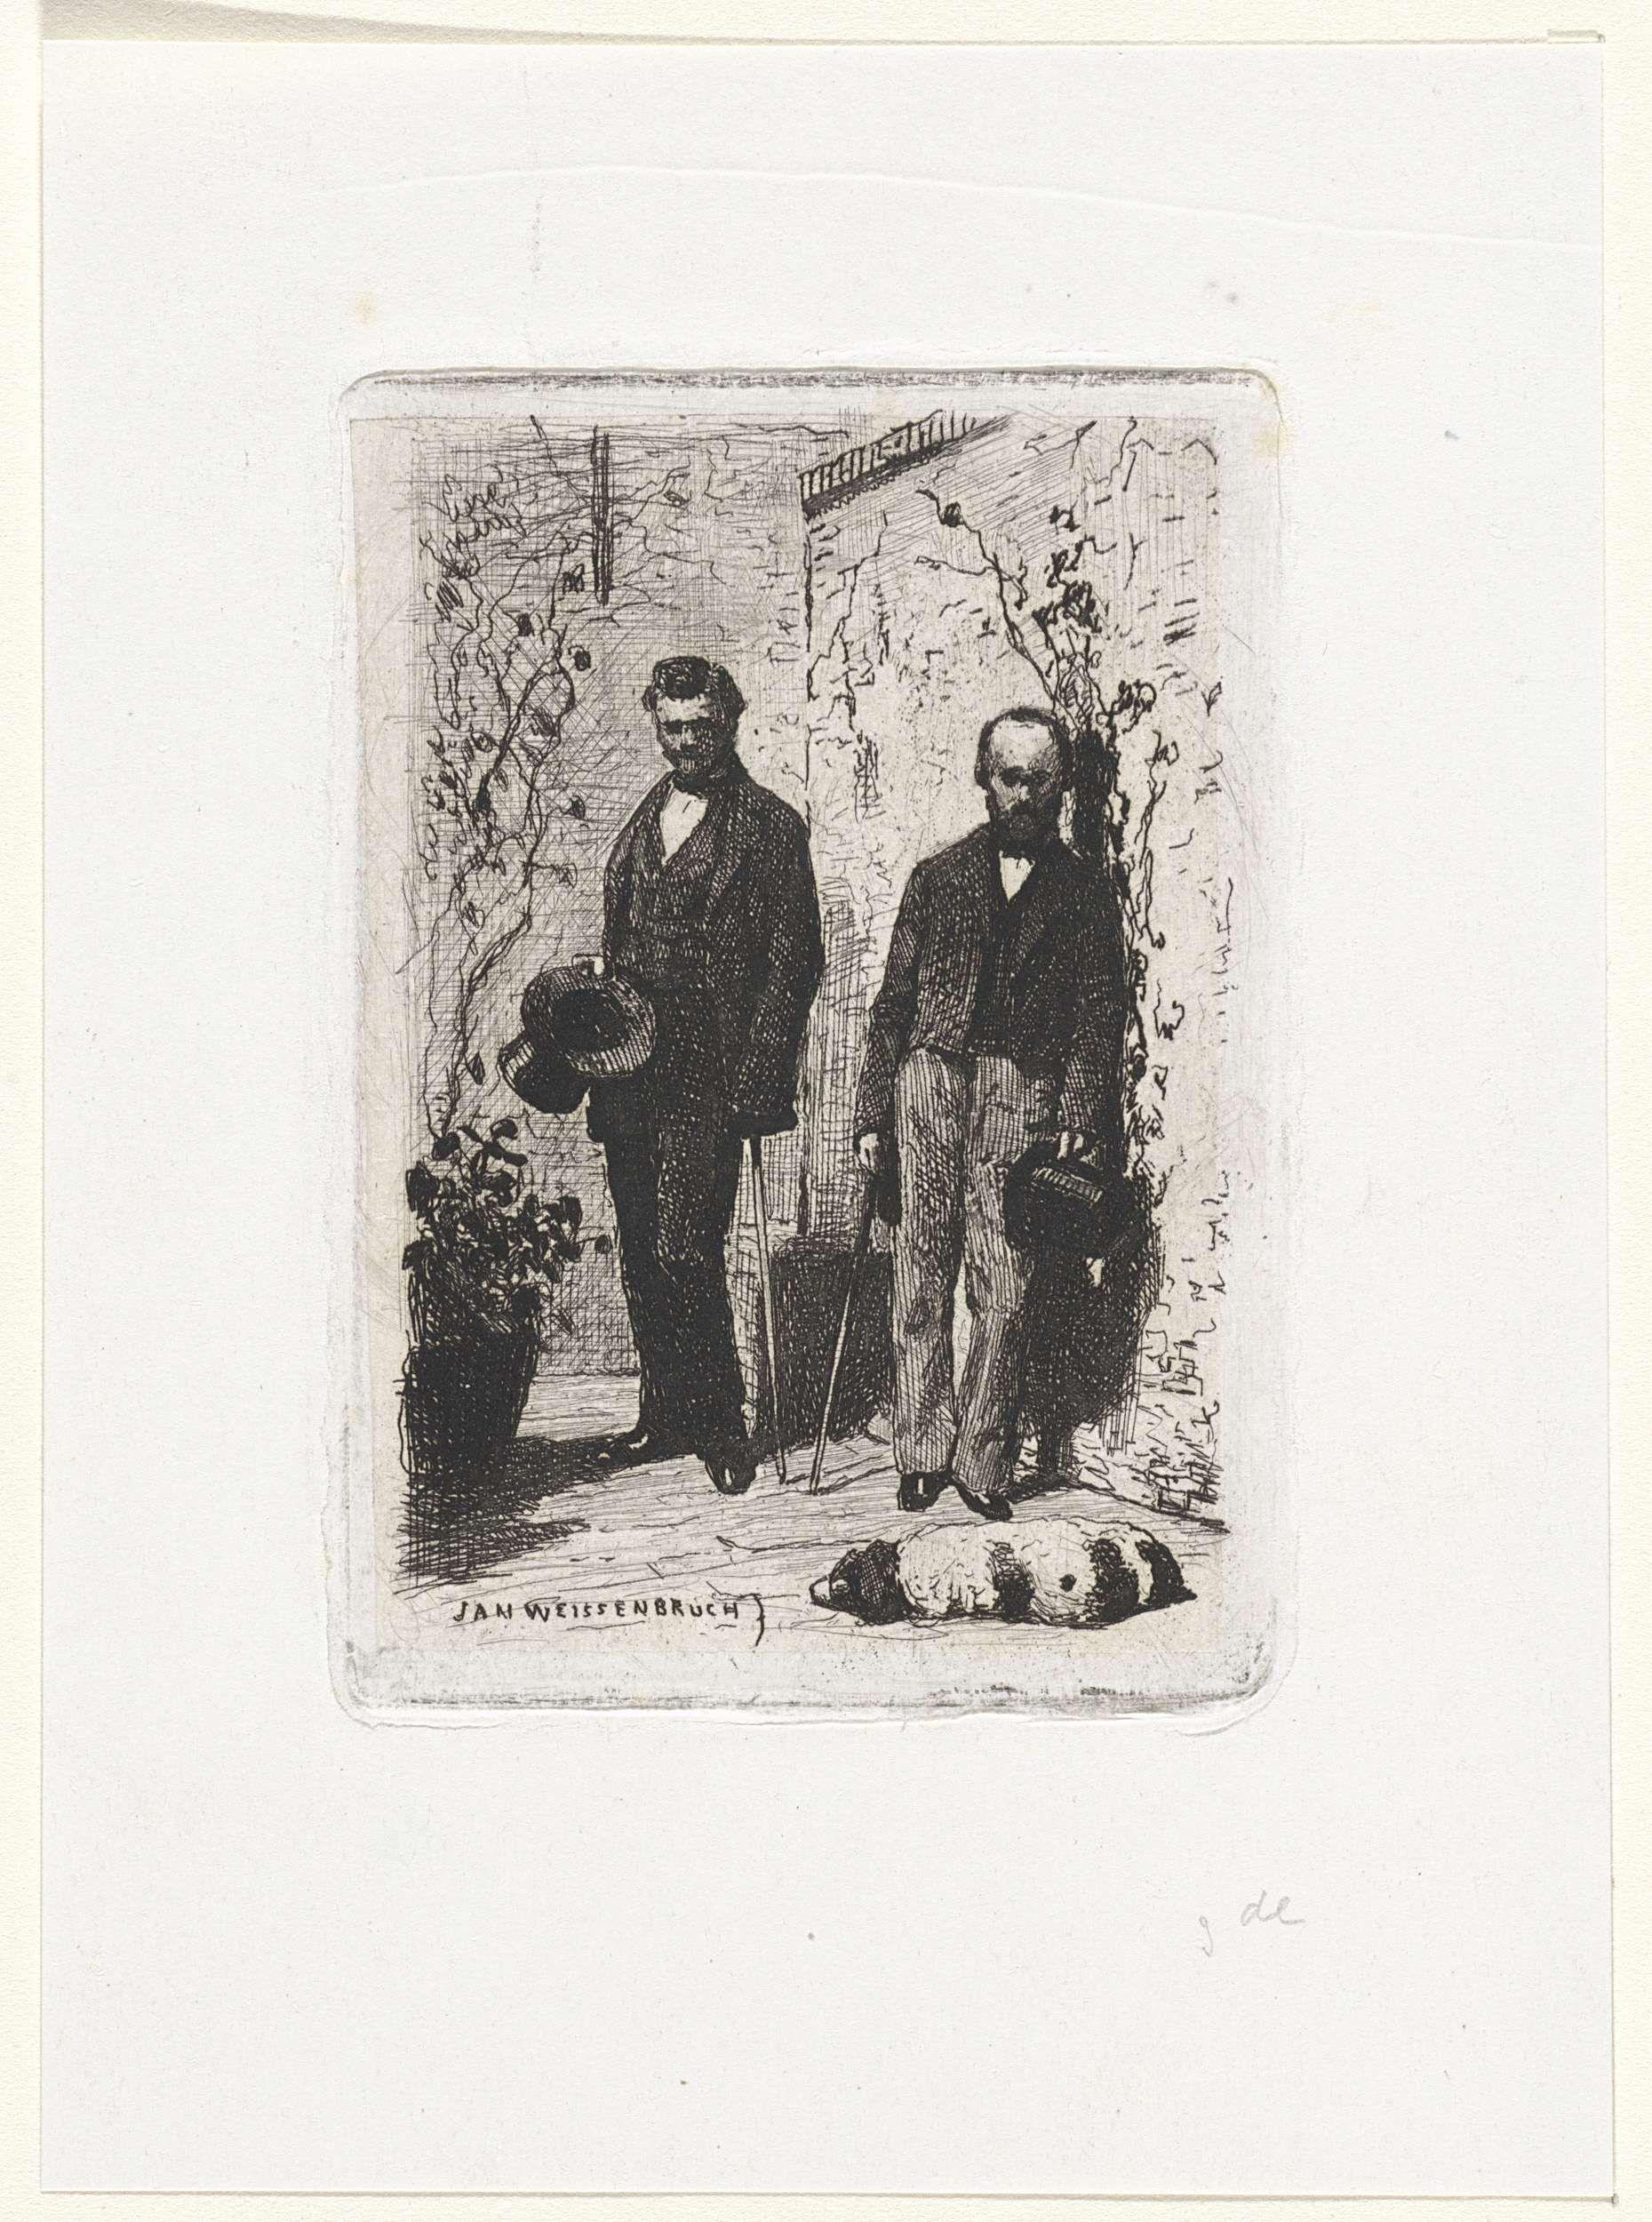 Jan Weissenbruch | Zelfportret met Frederik Hendrik Weissenbruch, Jan Weissenbruch, 1837 - 1880 | De kunstenaar Frederik Hendrik Weissenbruch (l) en zijn broer Jan Weissenbruch (r) staan bij een muur. Ze houden allebei een stok en een hoge hoed vast. Voor hen ligt een hond te slapen.